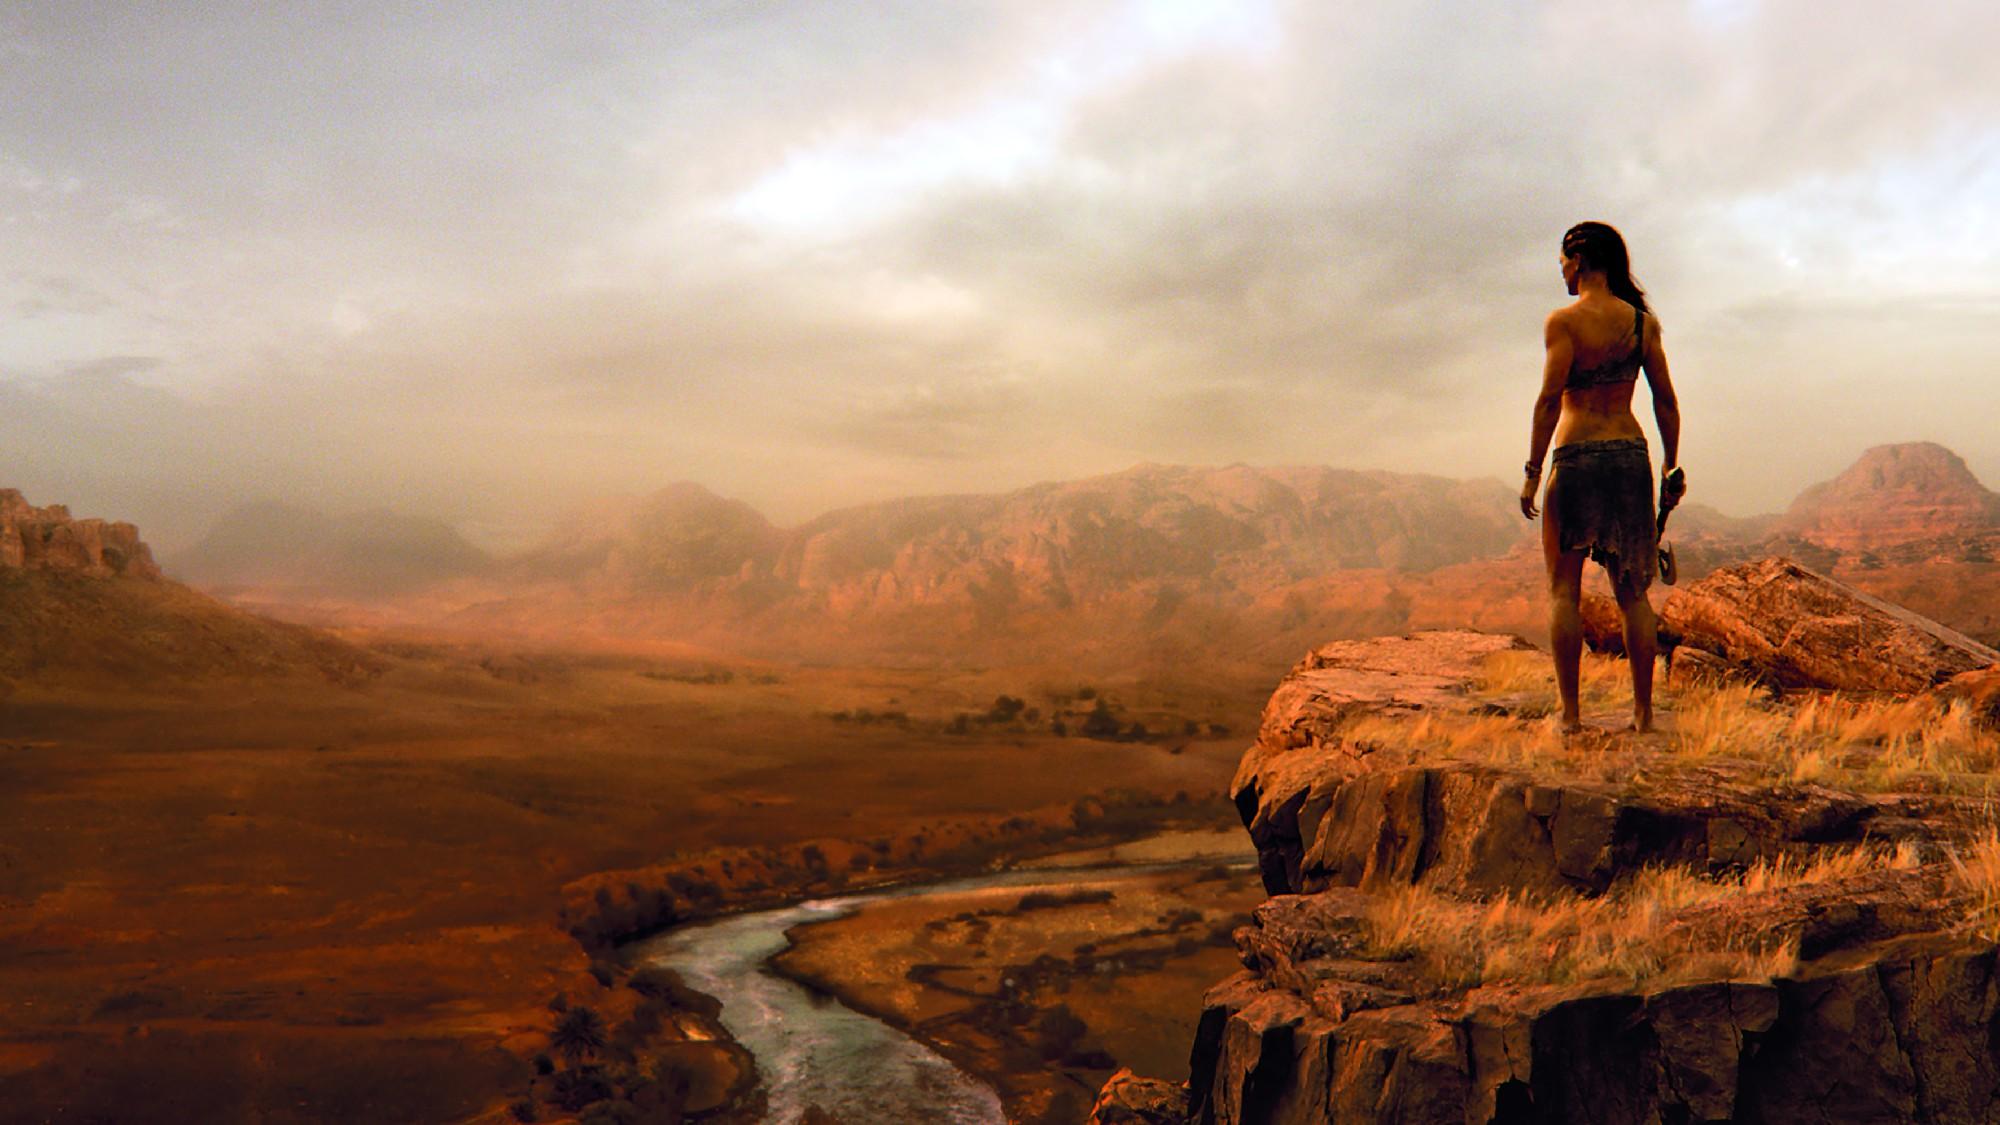 Als reale Referenz für die Landschaft diente die Wüste Jordaniens.